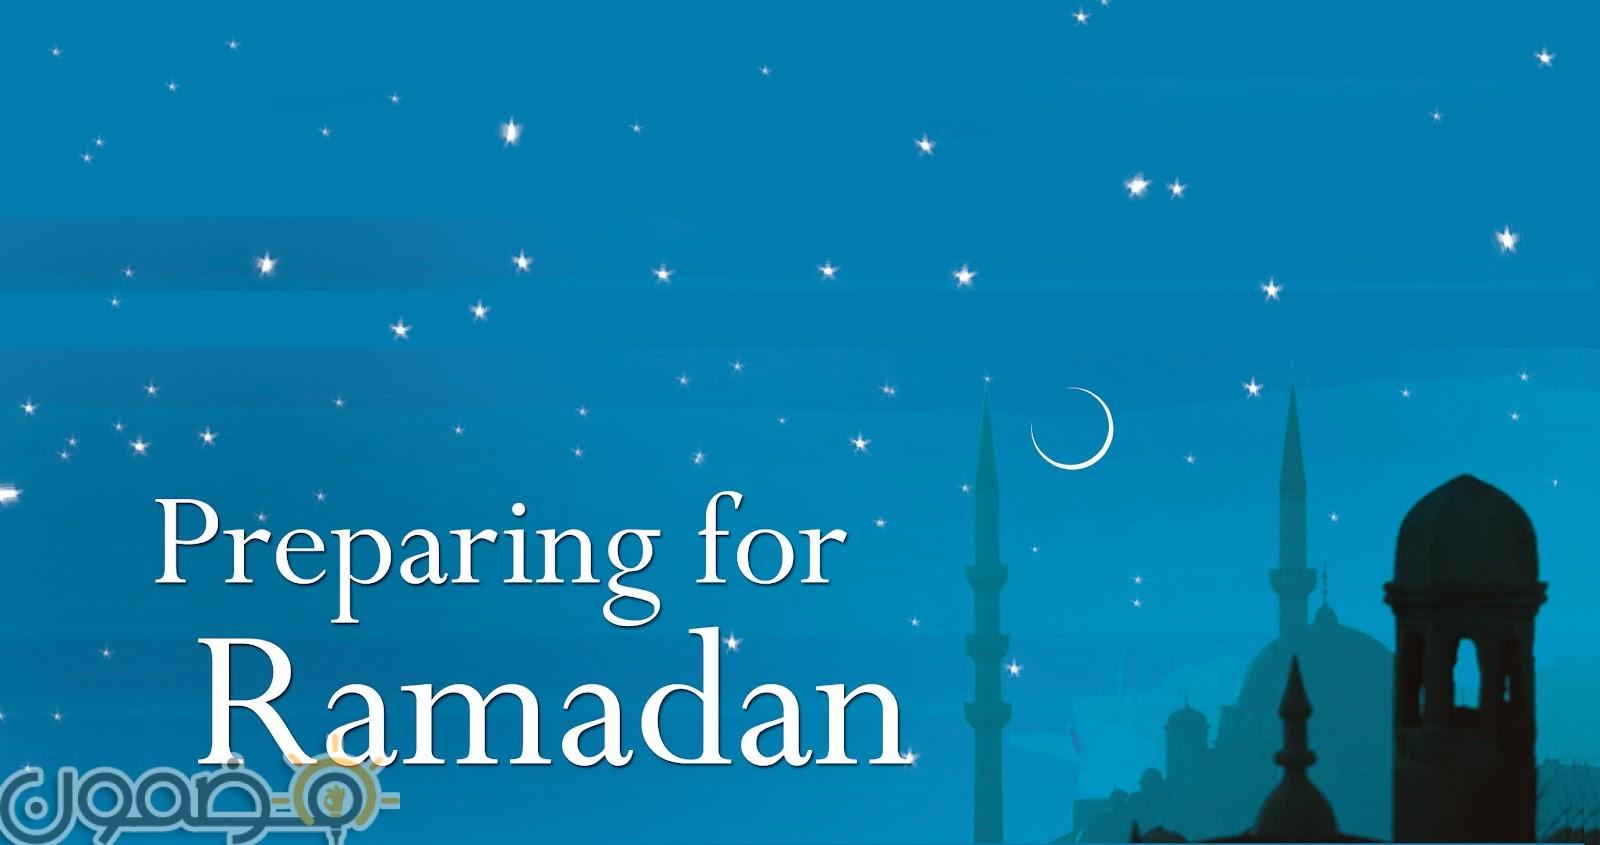 صور بوستات رمضانية 9 صور بوستات رمضانية جديدة رمضان كريم